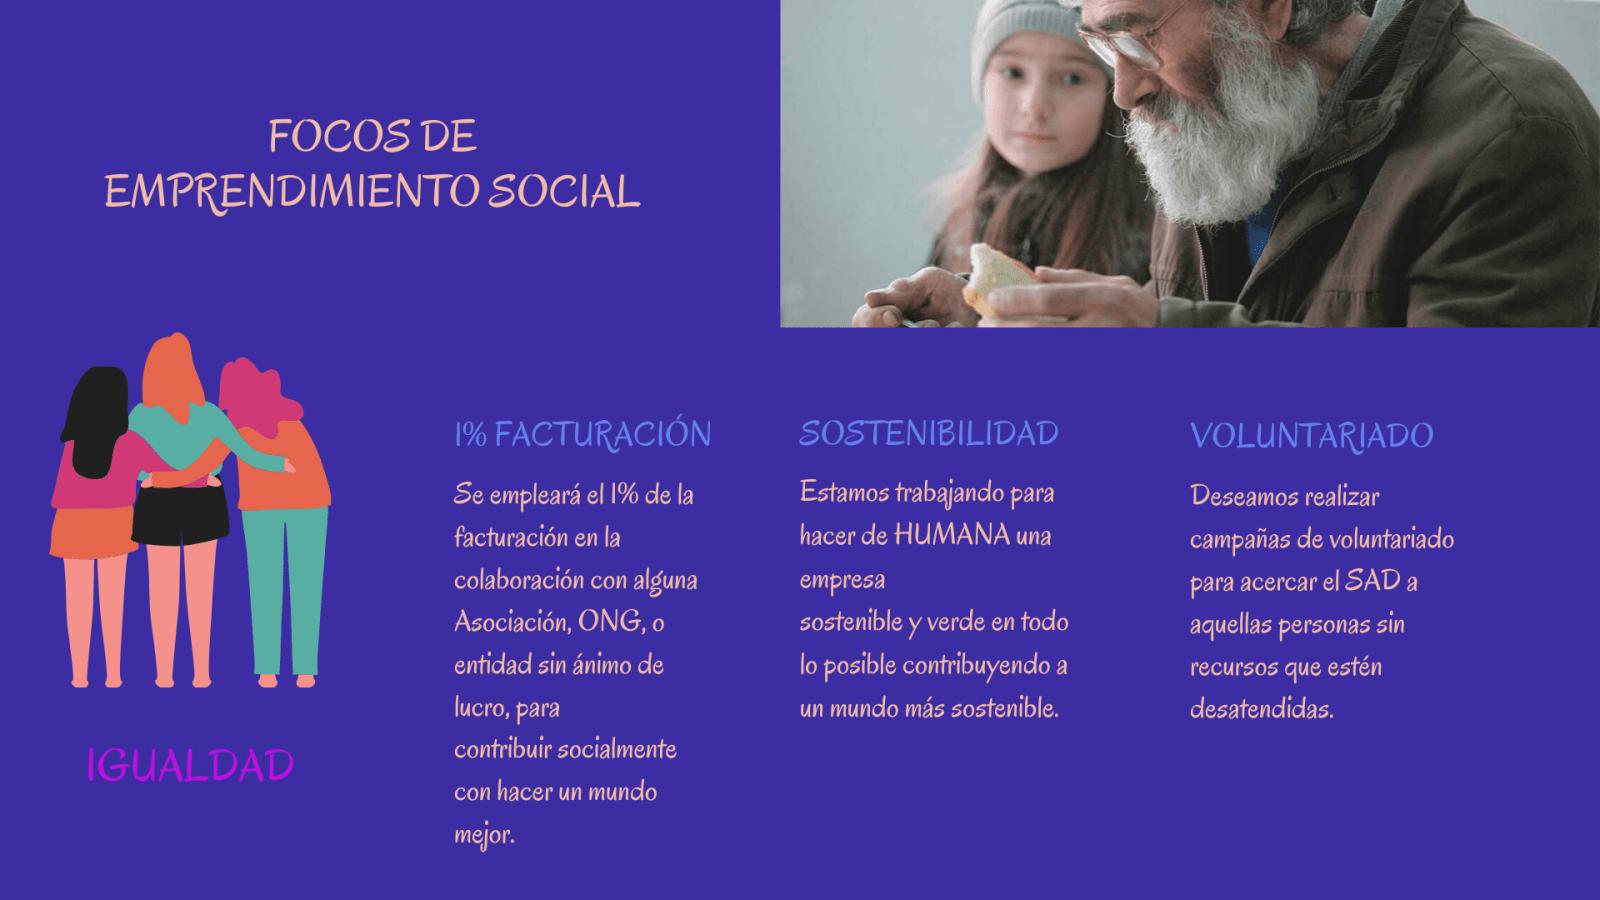 Focos de emprendimiento social